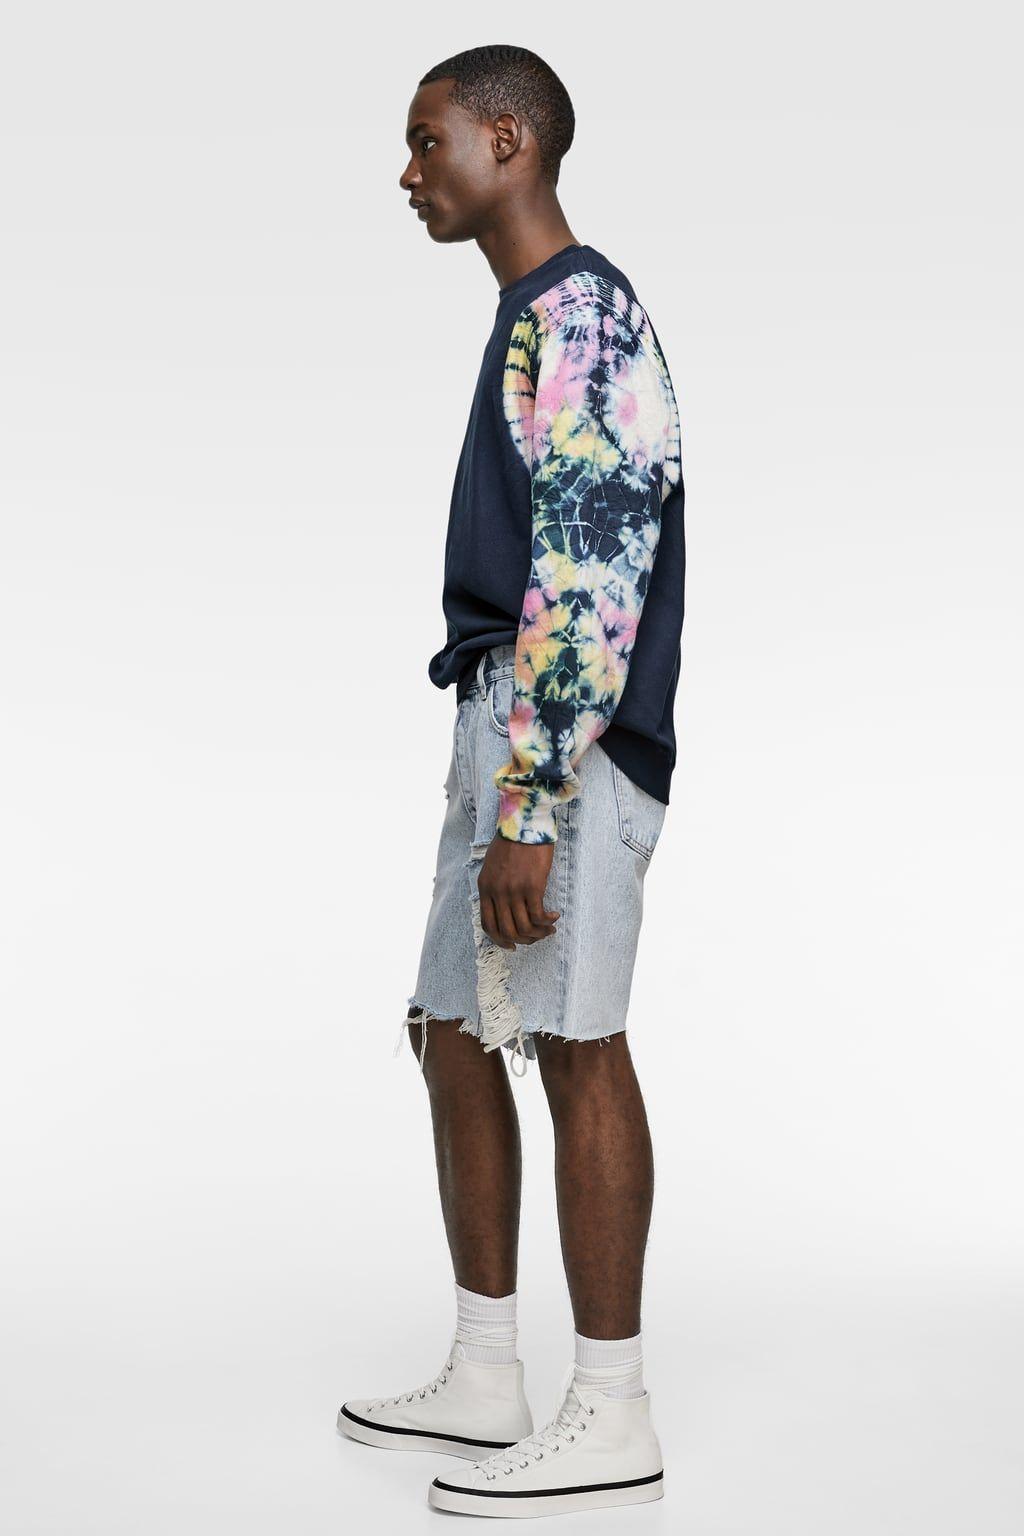 Image 5 Of Sweatshirt With Tie Dye Sleeves From Zara Modestil [ 1536 x 1024 Pixel ]